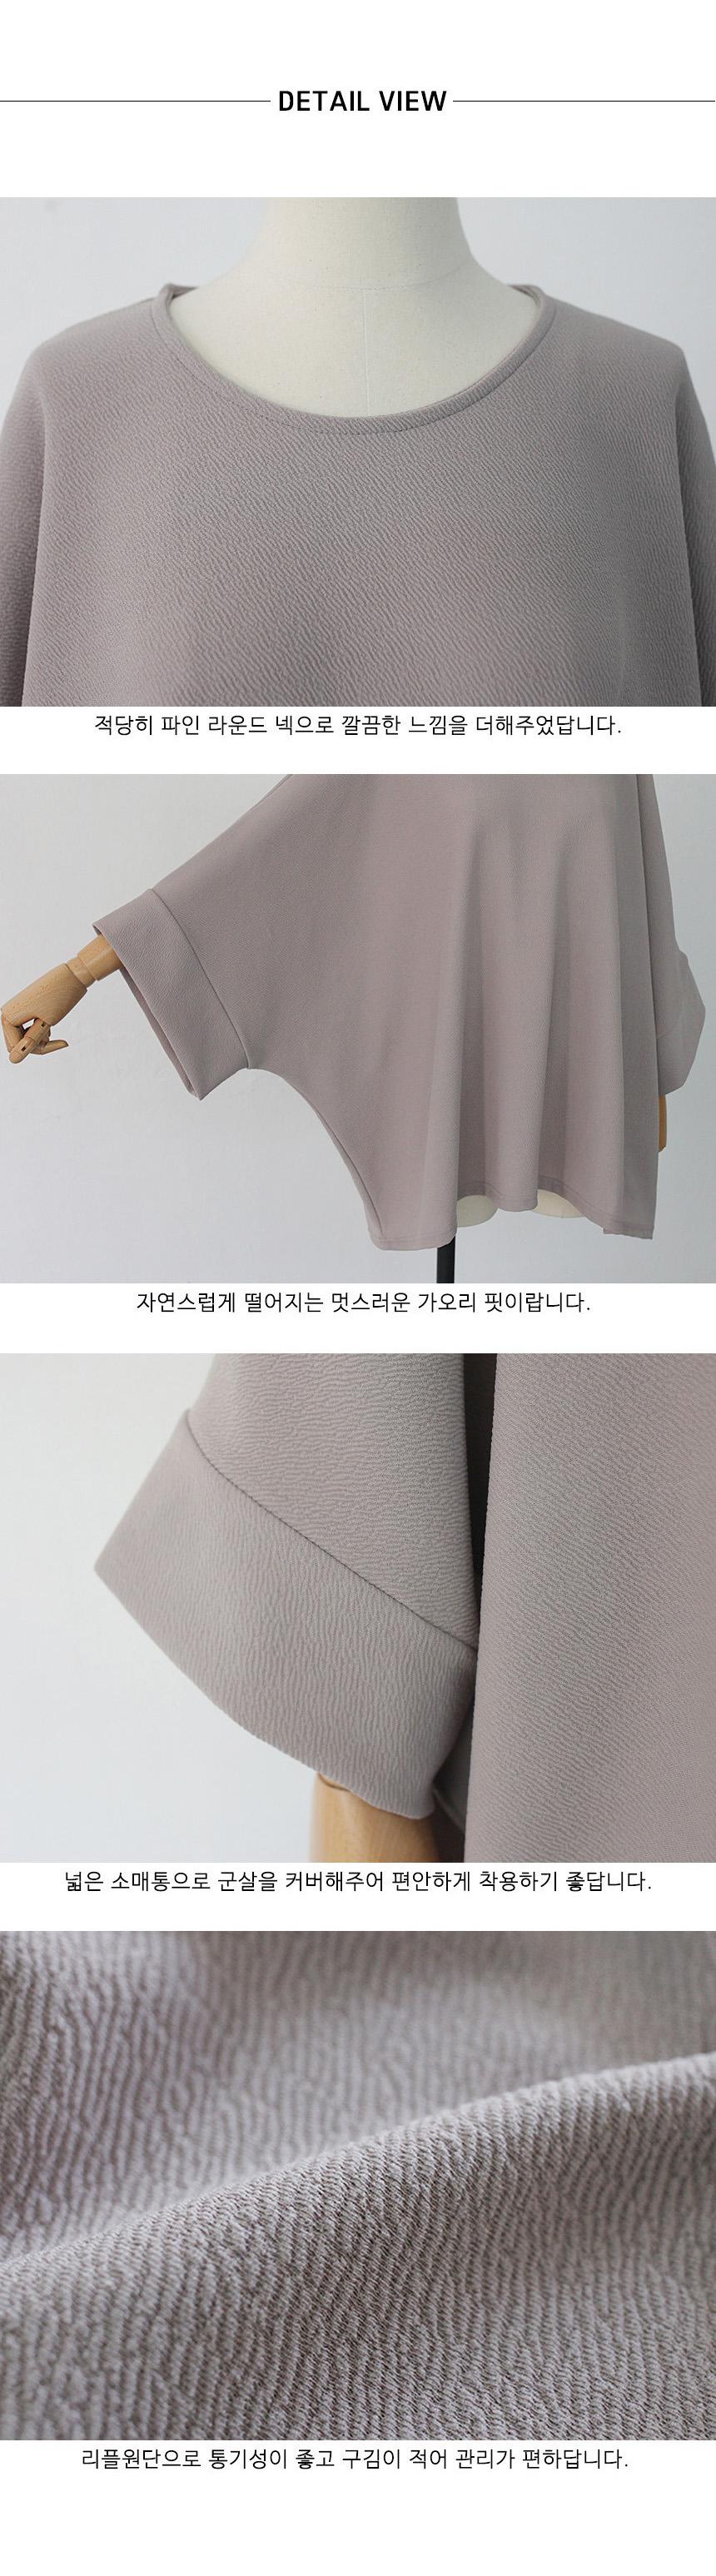 簡約時尚寬鬆舒適上衣